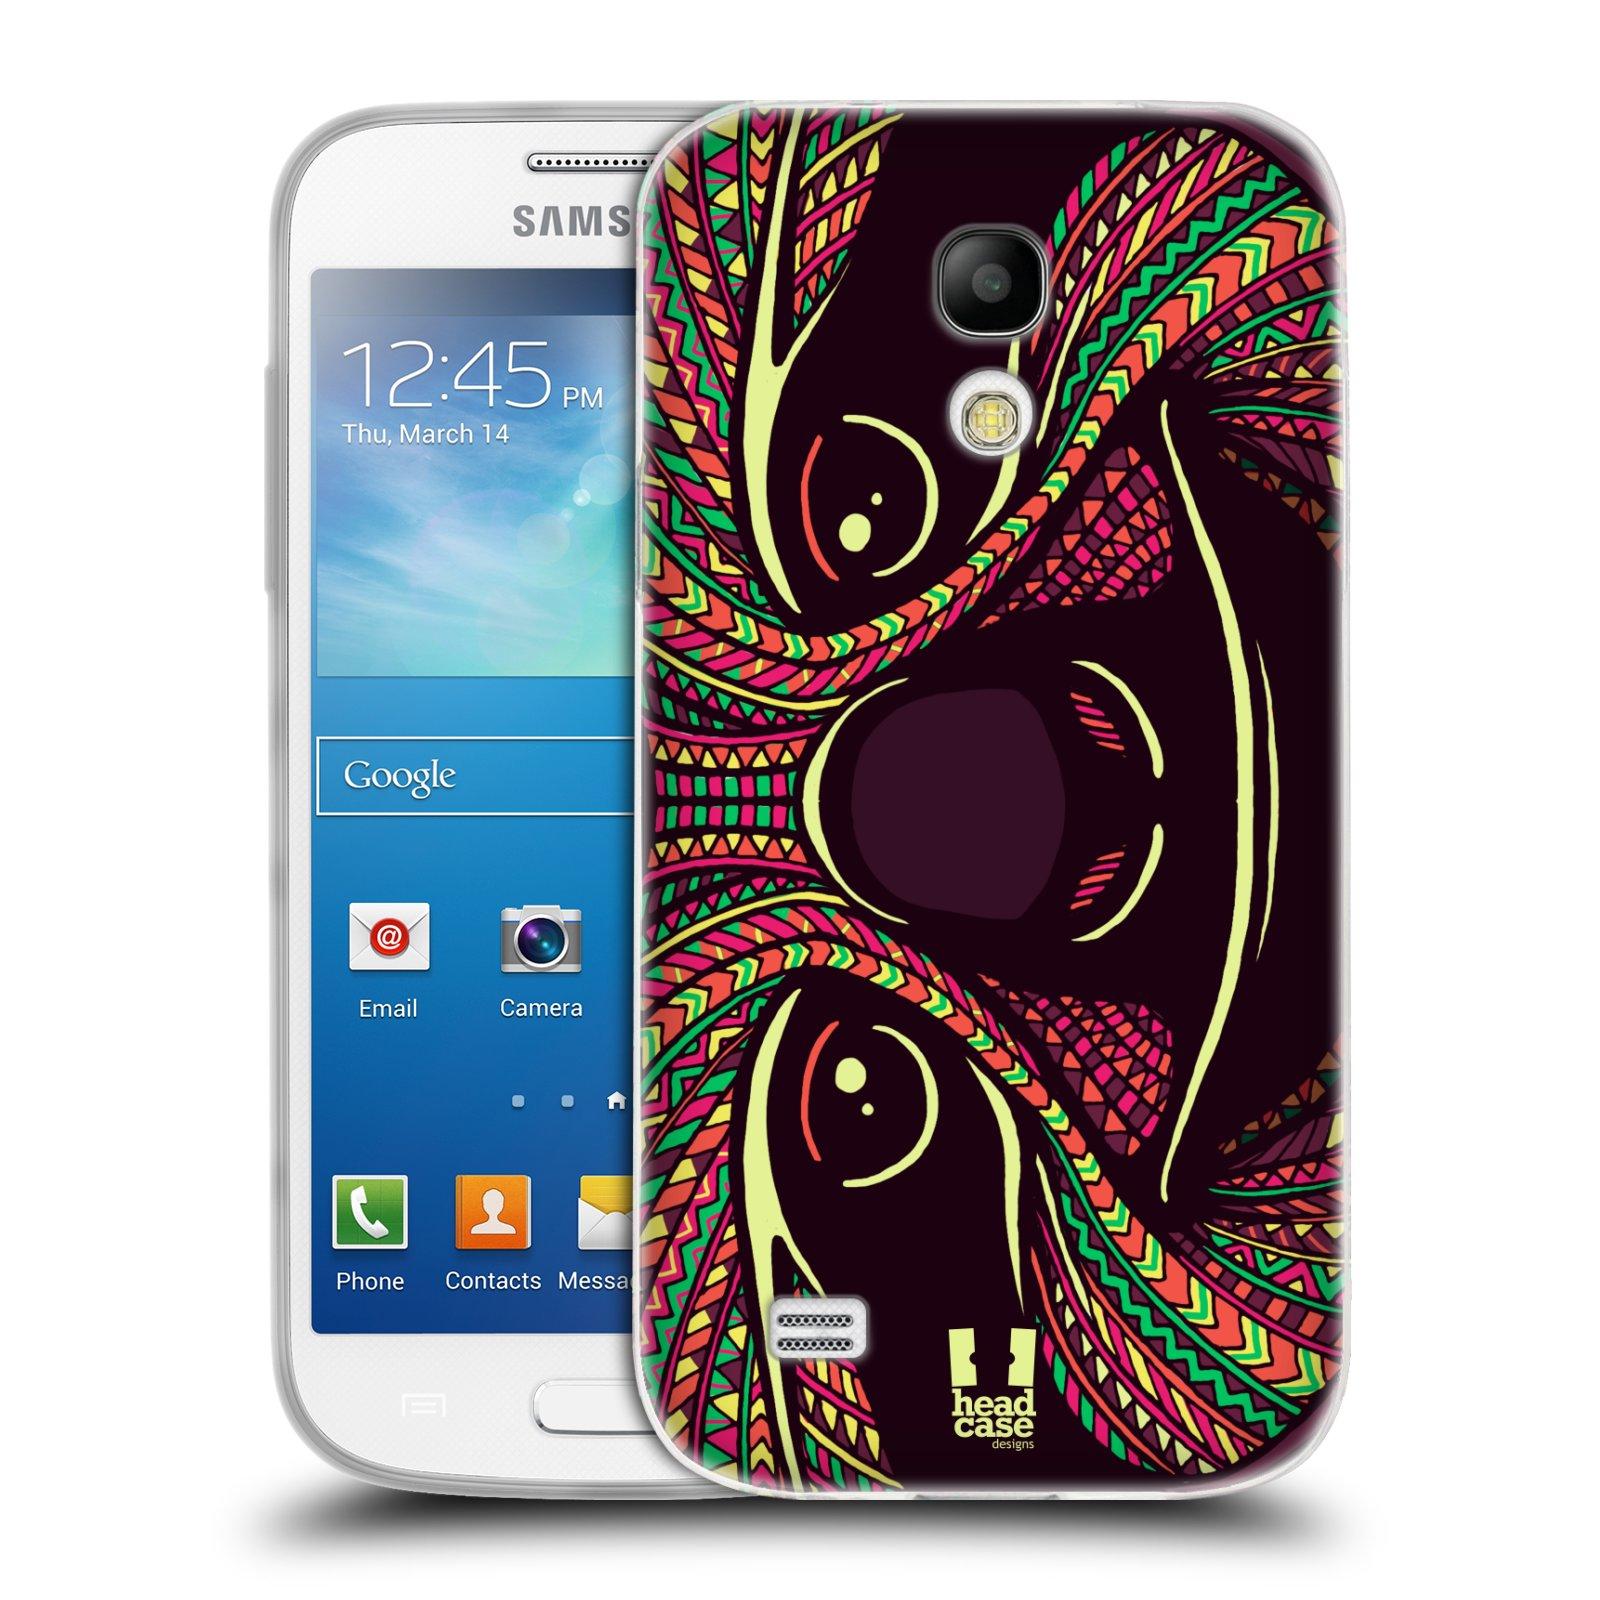 Silikonové pouzdro na mobil Samsung Galaxy S4 Mini HEAD CASE AZTEC LENOCHOD (Silikonový kryt či obal na mobilní telefon Samsung Galaxy S4 Mini GT-i9195 / i9190 (nepasuje na verzi Black Edition))